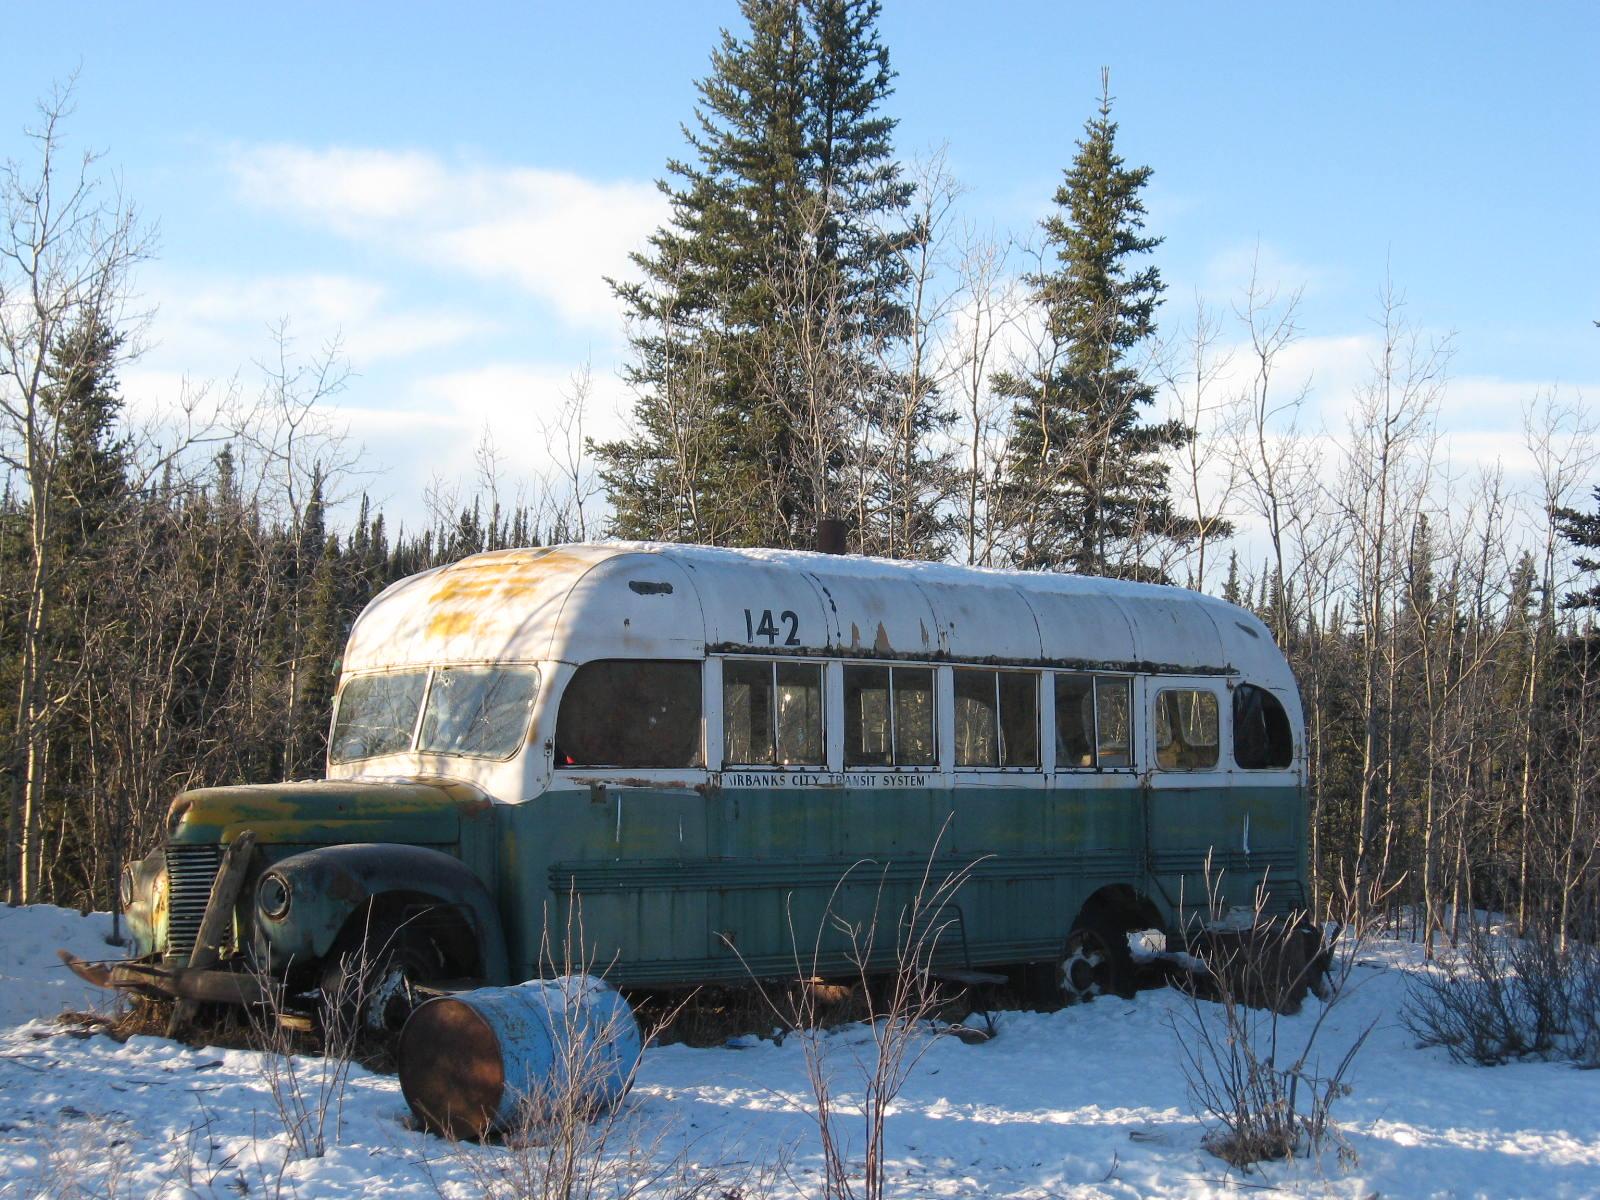 http://4.bp.blogspot.com/-5a8v4sfMNZU/UC7vGN7ZYtI/AAAAAAAAAp0/eVxxUaHRyJo/s1600/mccandless-bus2.jpg